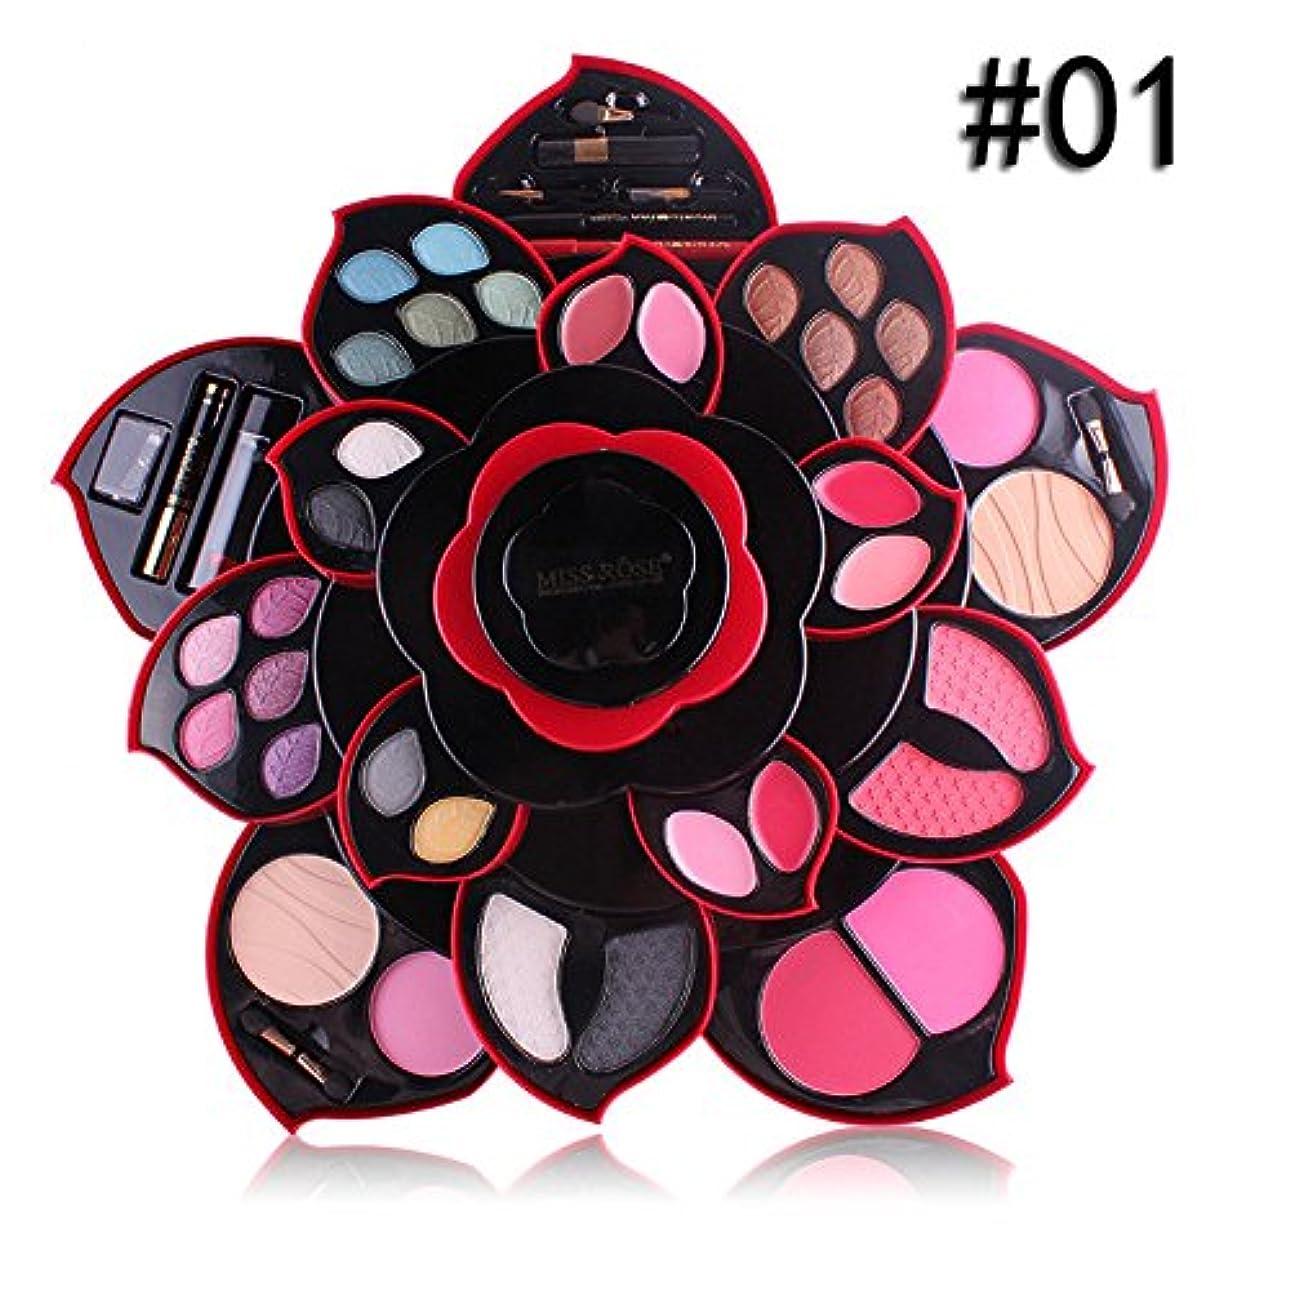 昆虫を見るぼんやりした導入するビューティー アイシャドー wwkeiying アイシャドウセット ファッション 23色 梅の花デザイン メイクボックス 回転多機能化粧品 プロ化粧師 メイクの達人 プレゼント (A) (A)